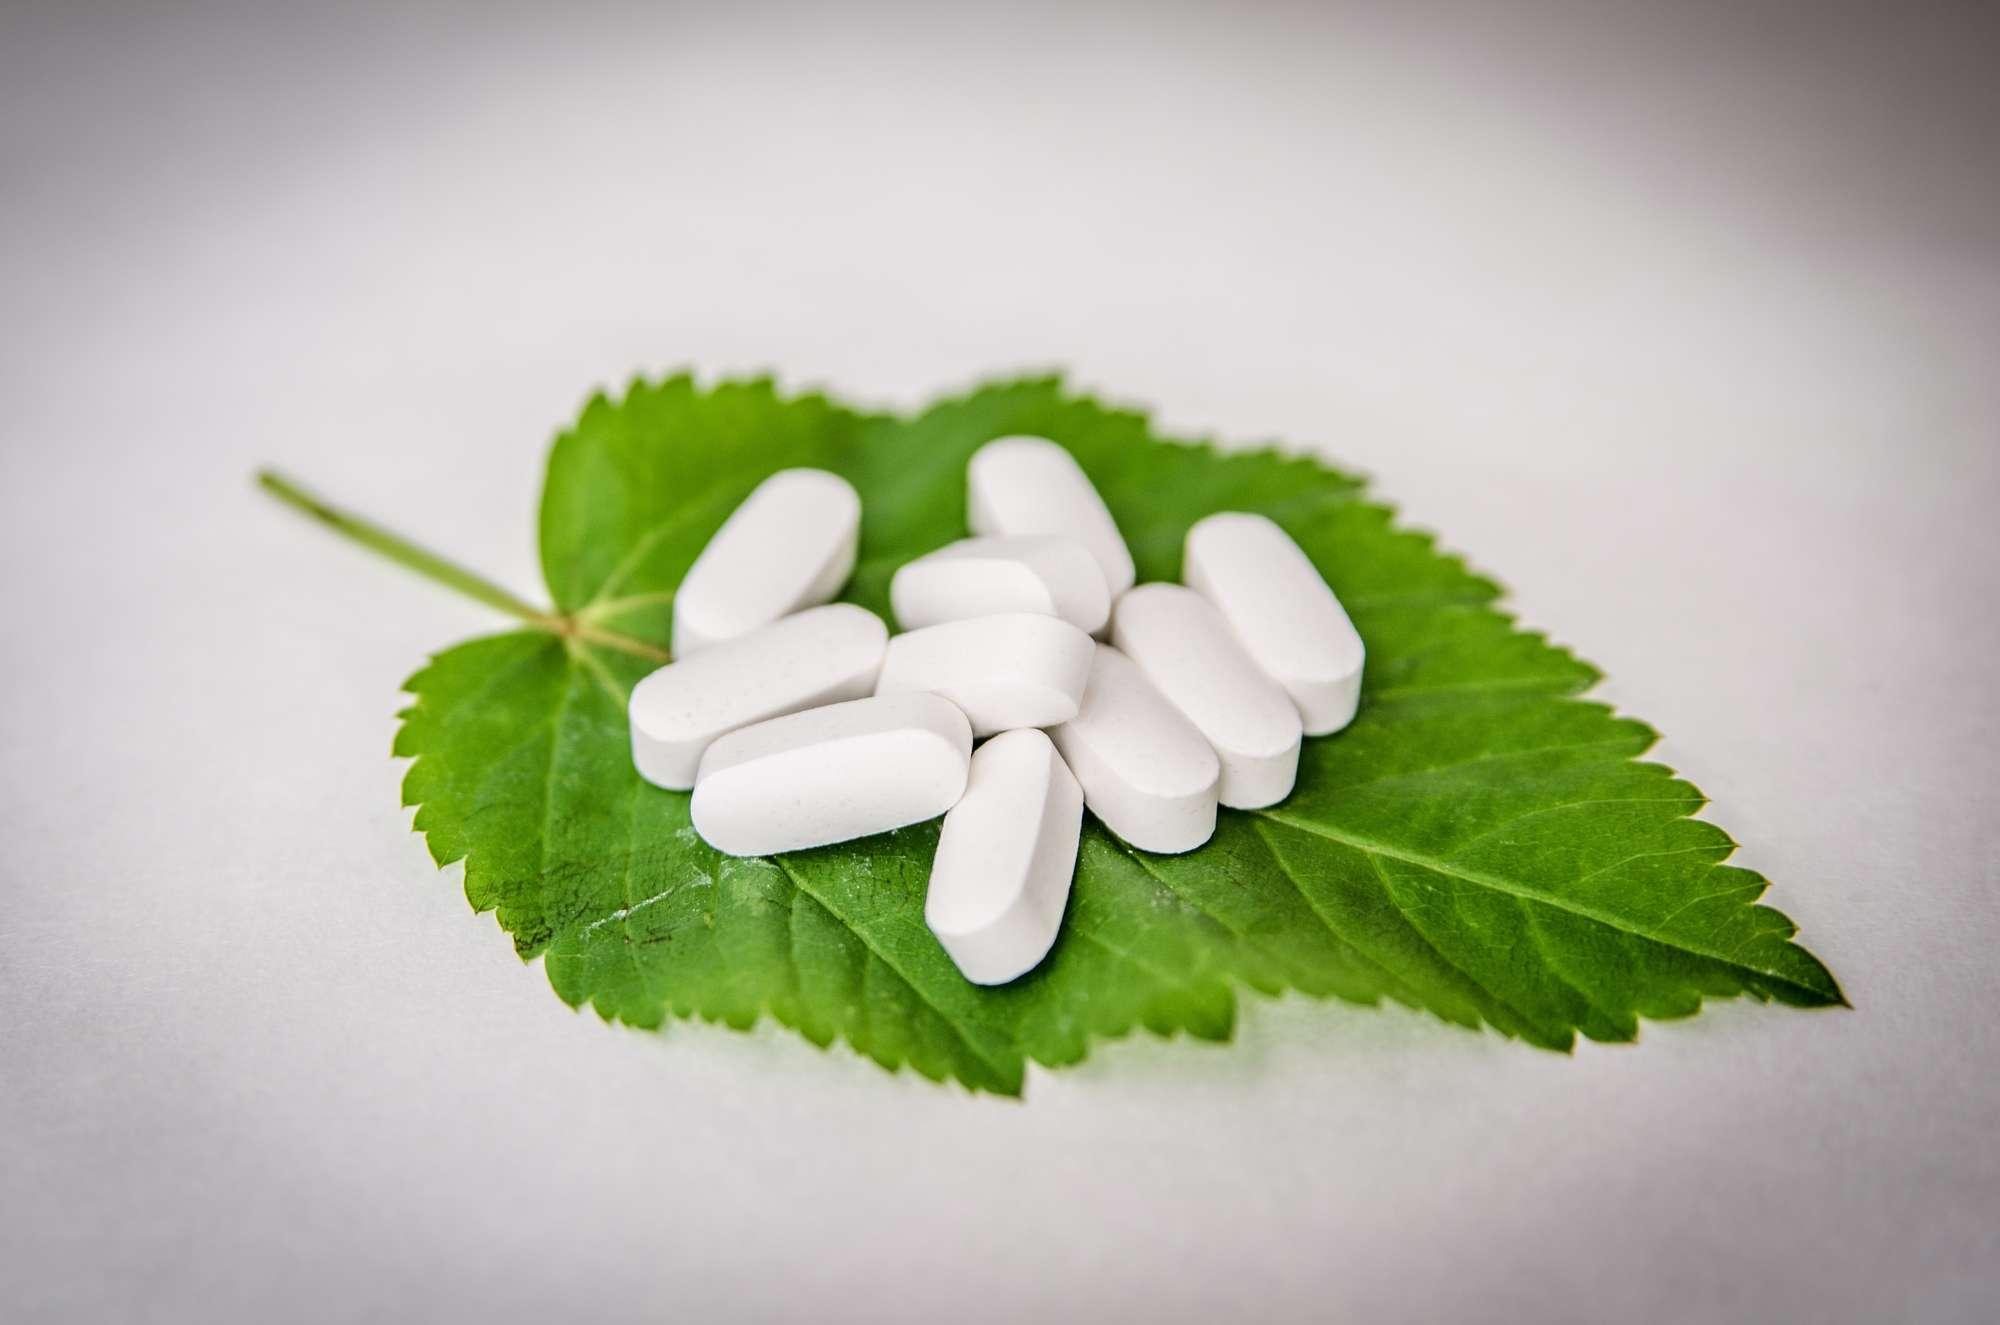 leki na listku